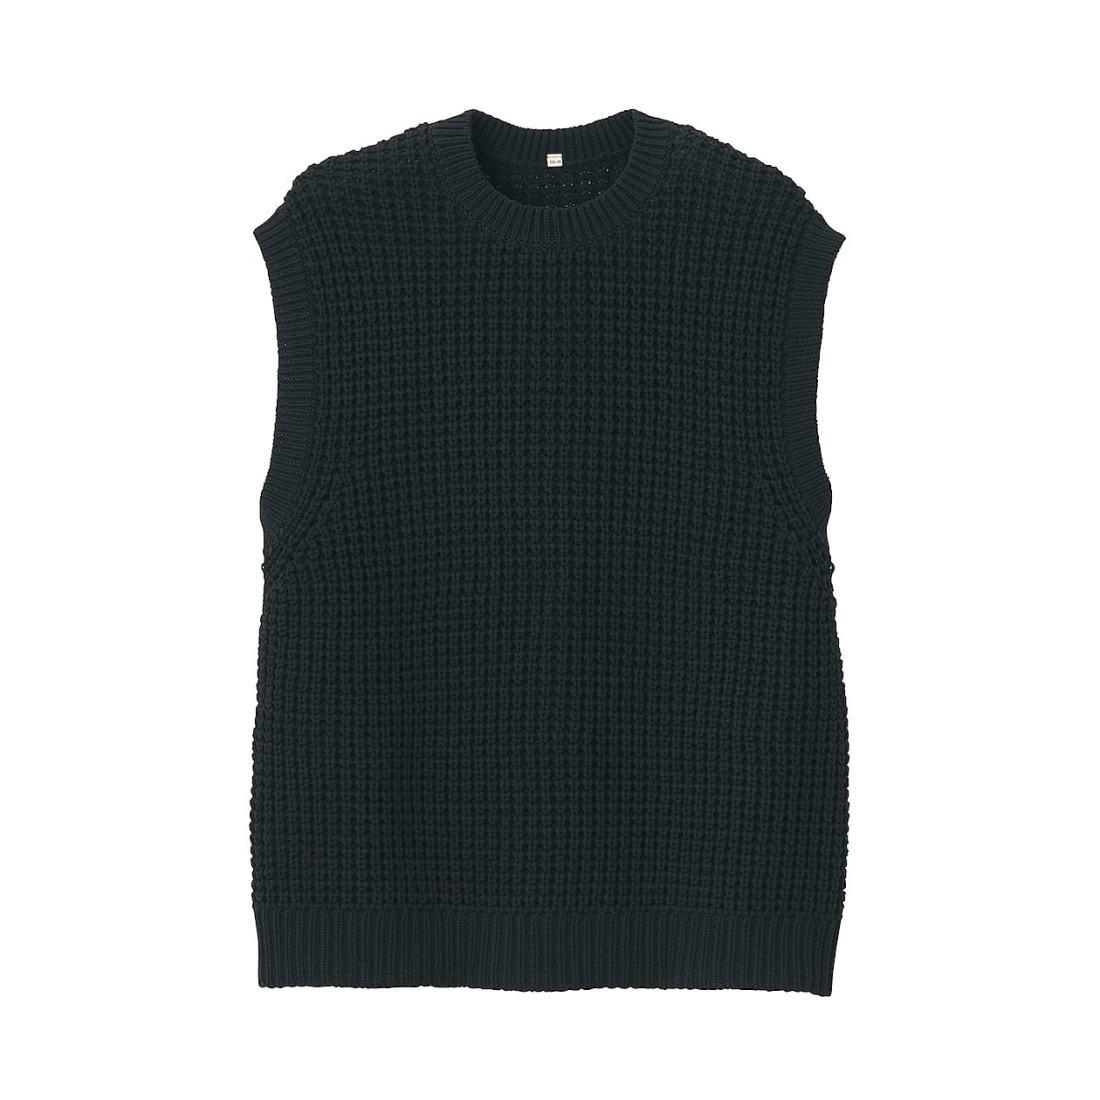 空気を含んだ糸で編んだワッフル編みベスト S~M・黒